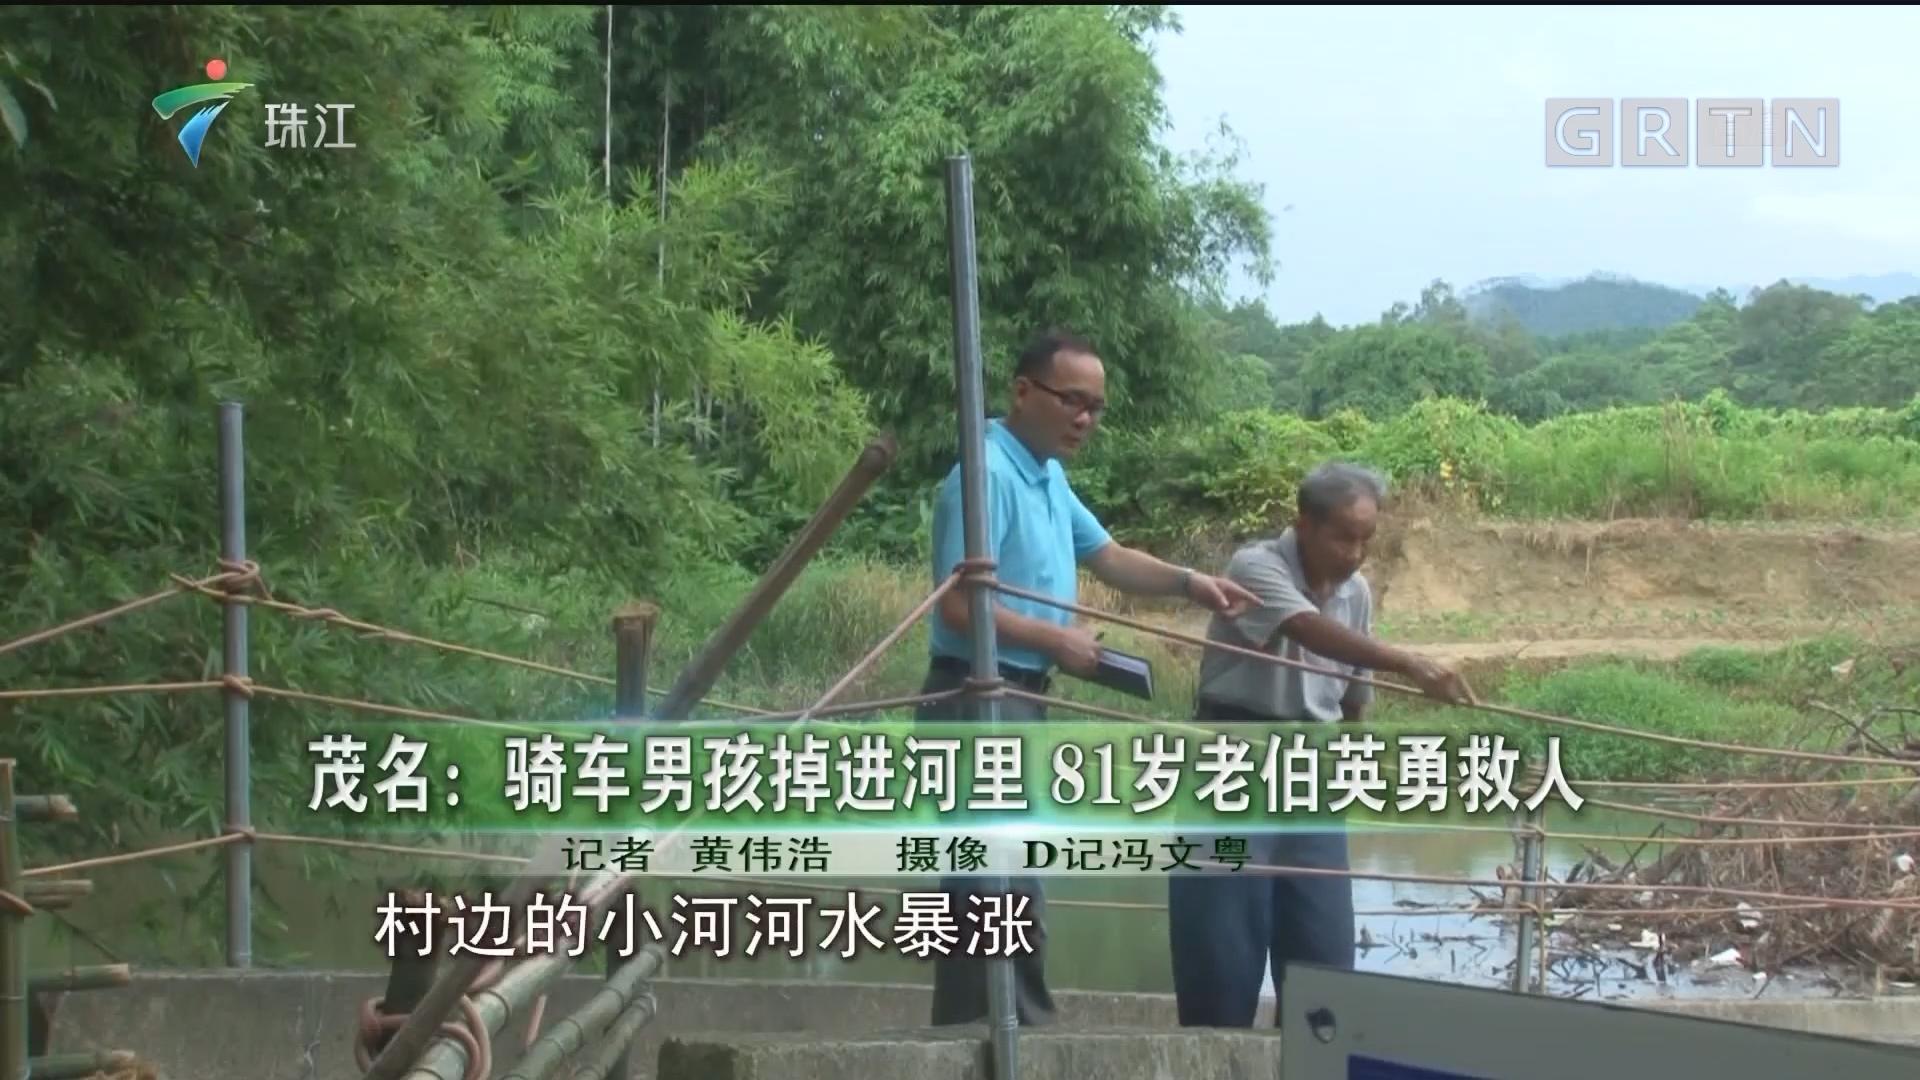 茂名:骑车男孩掉进河里 81岁老伯英勇救人